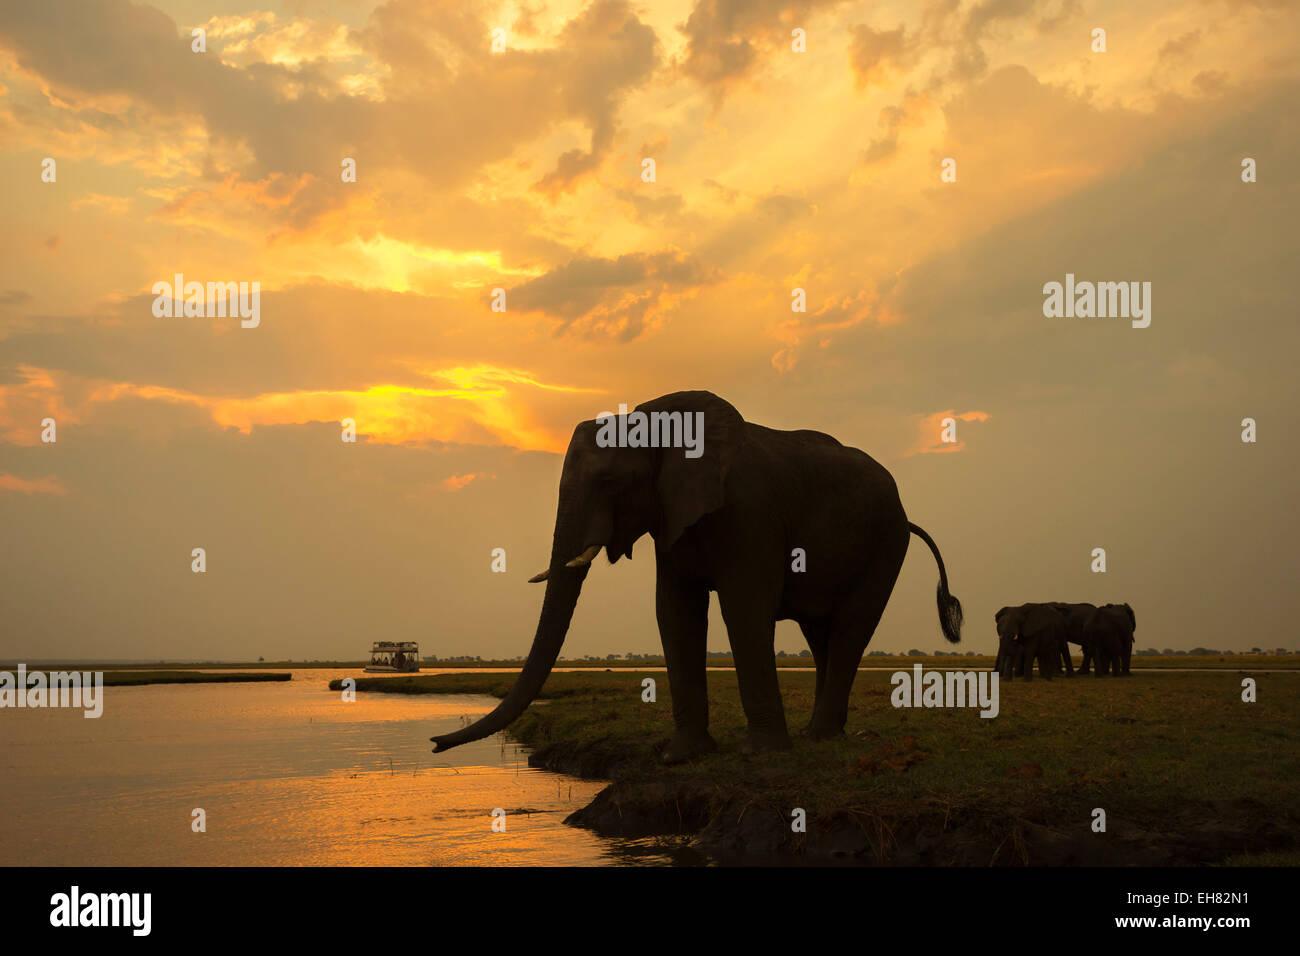 African elephant (Loxodonta africana) at dusk, Chobe National Park, Botswana, Africa Stock Photo